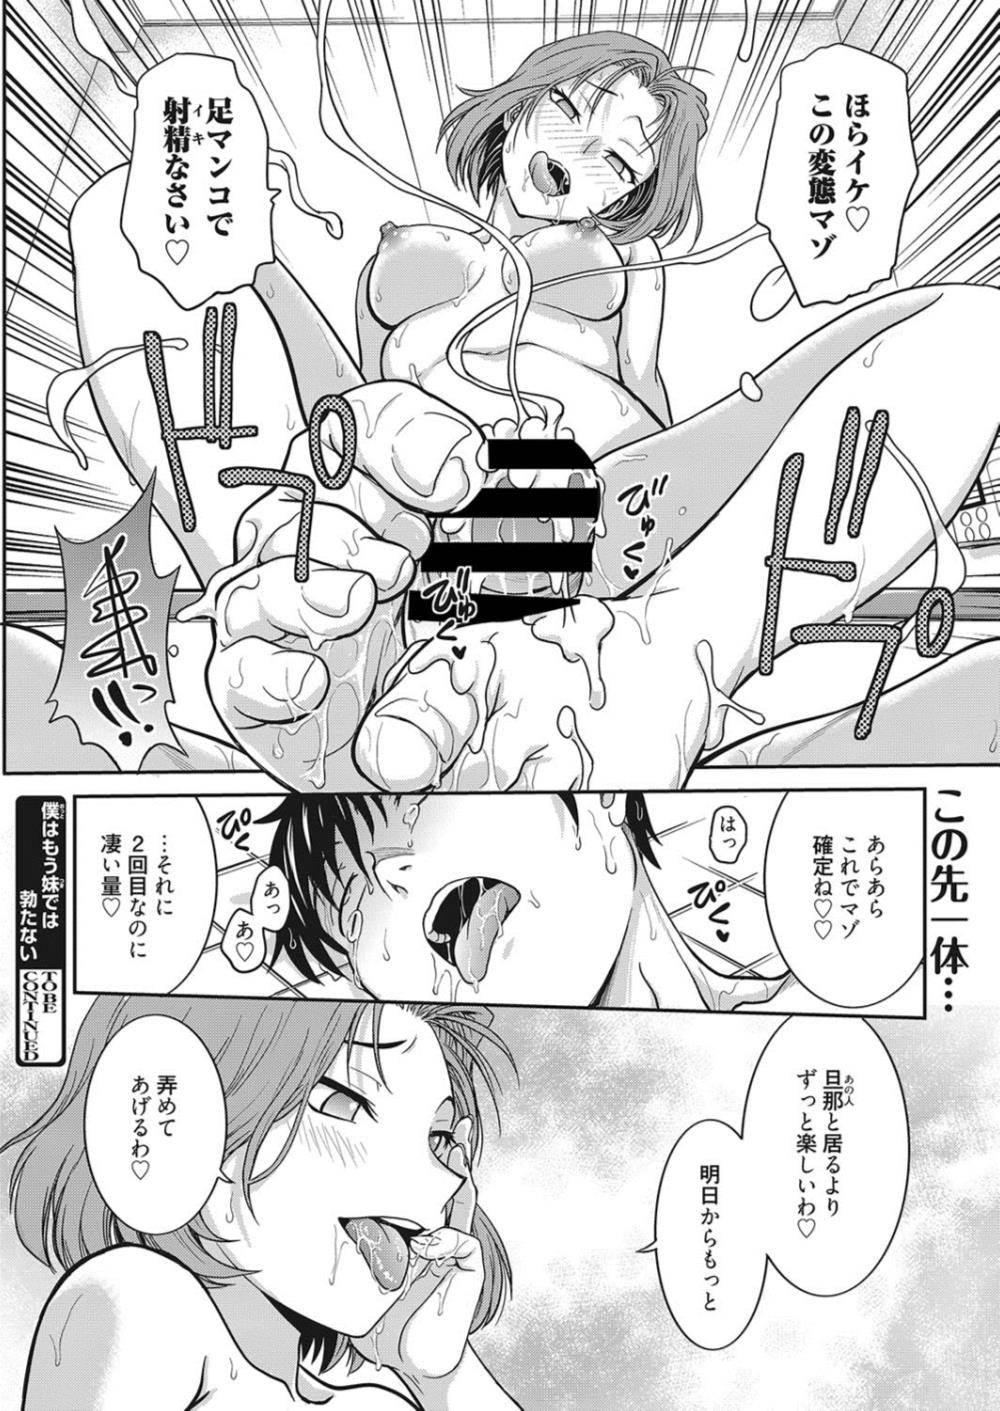 【エロ漫画】妻の姉に寝取られてしまった旦那…もう妻のおまんこじゃ満足できないww【船堀斉晃:ボクはもう妹では勃たない】